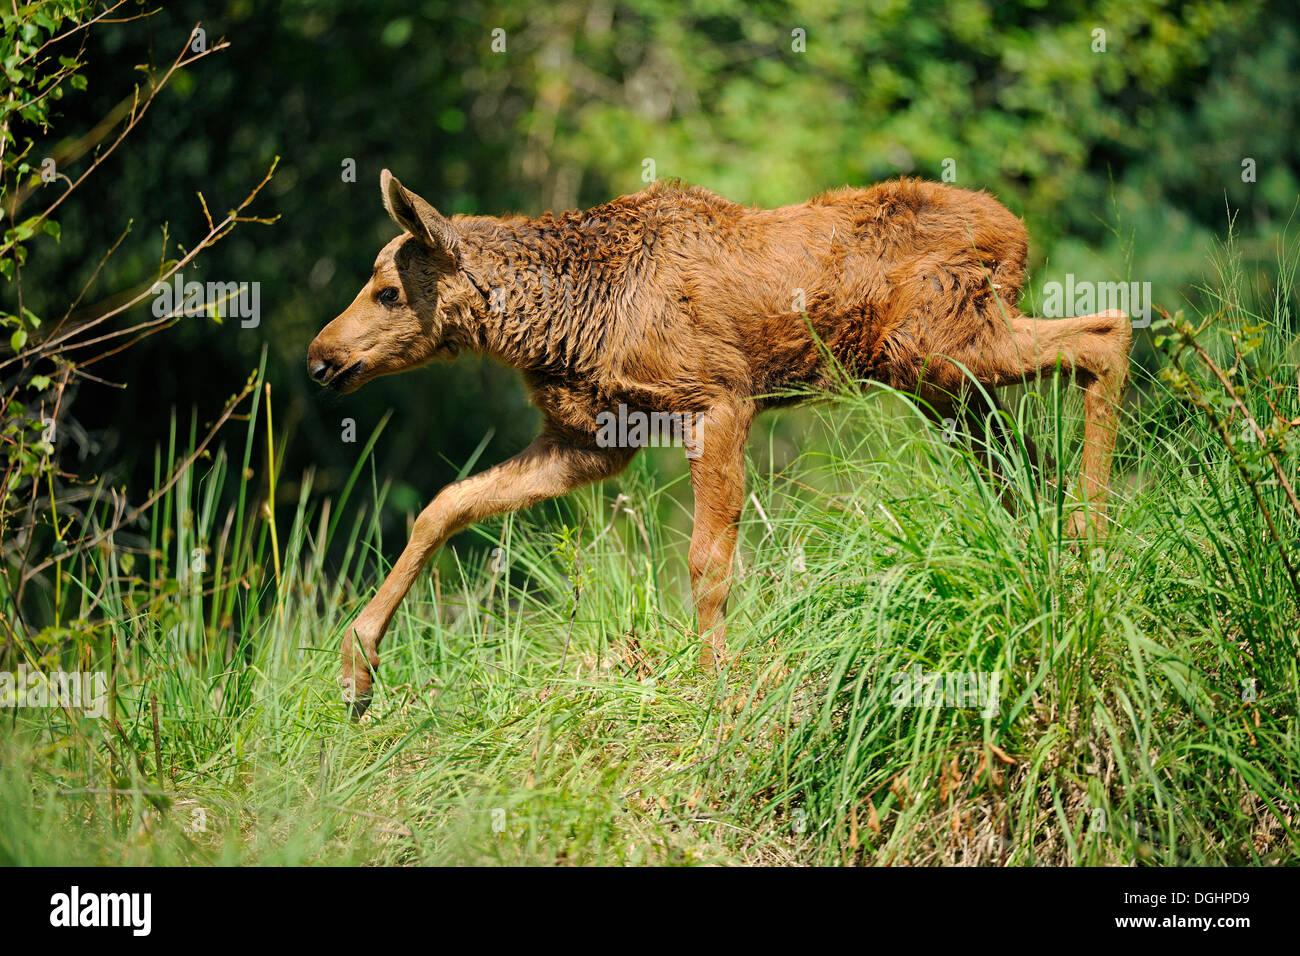 Eurasian elk - photo#40